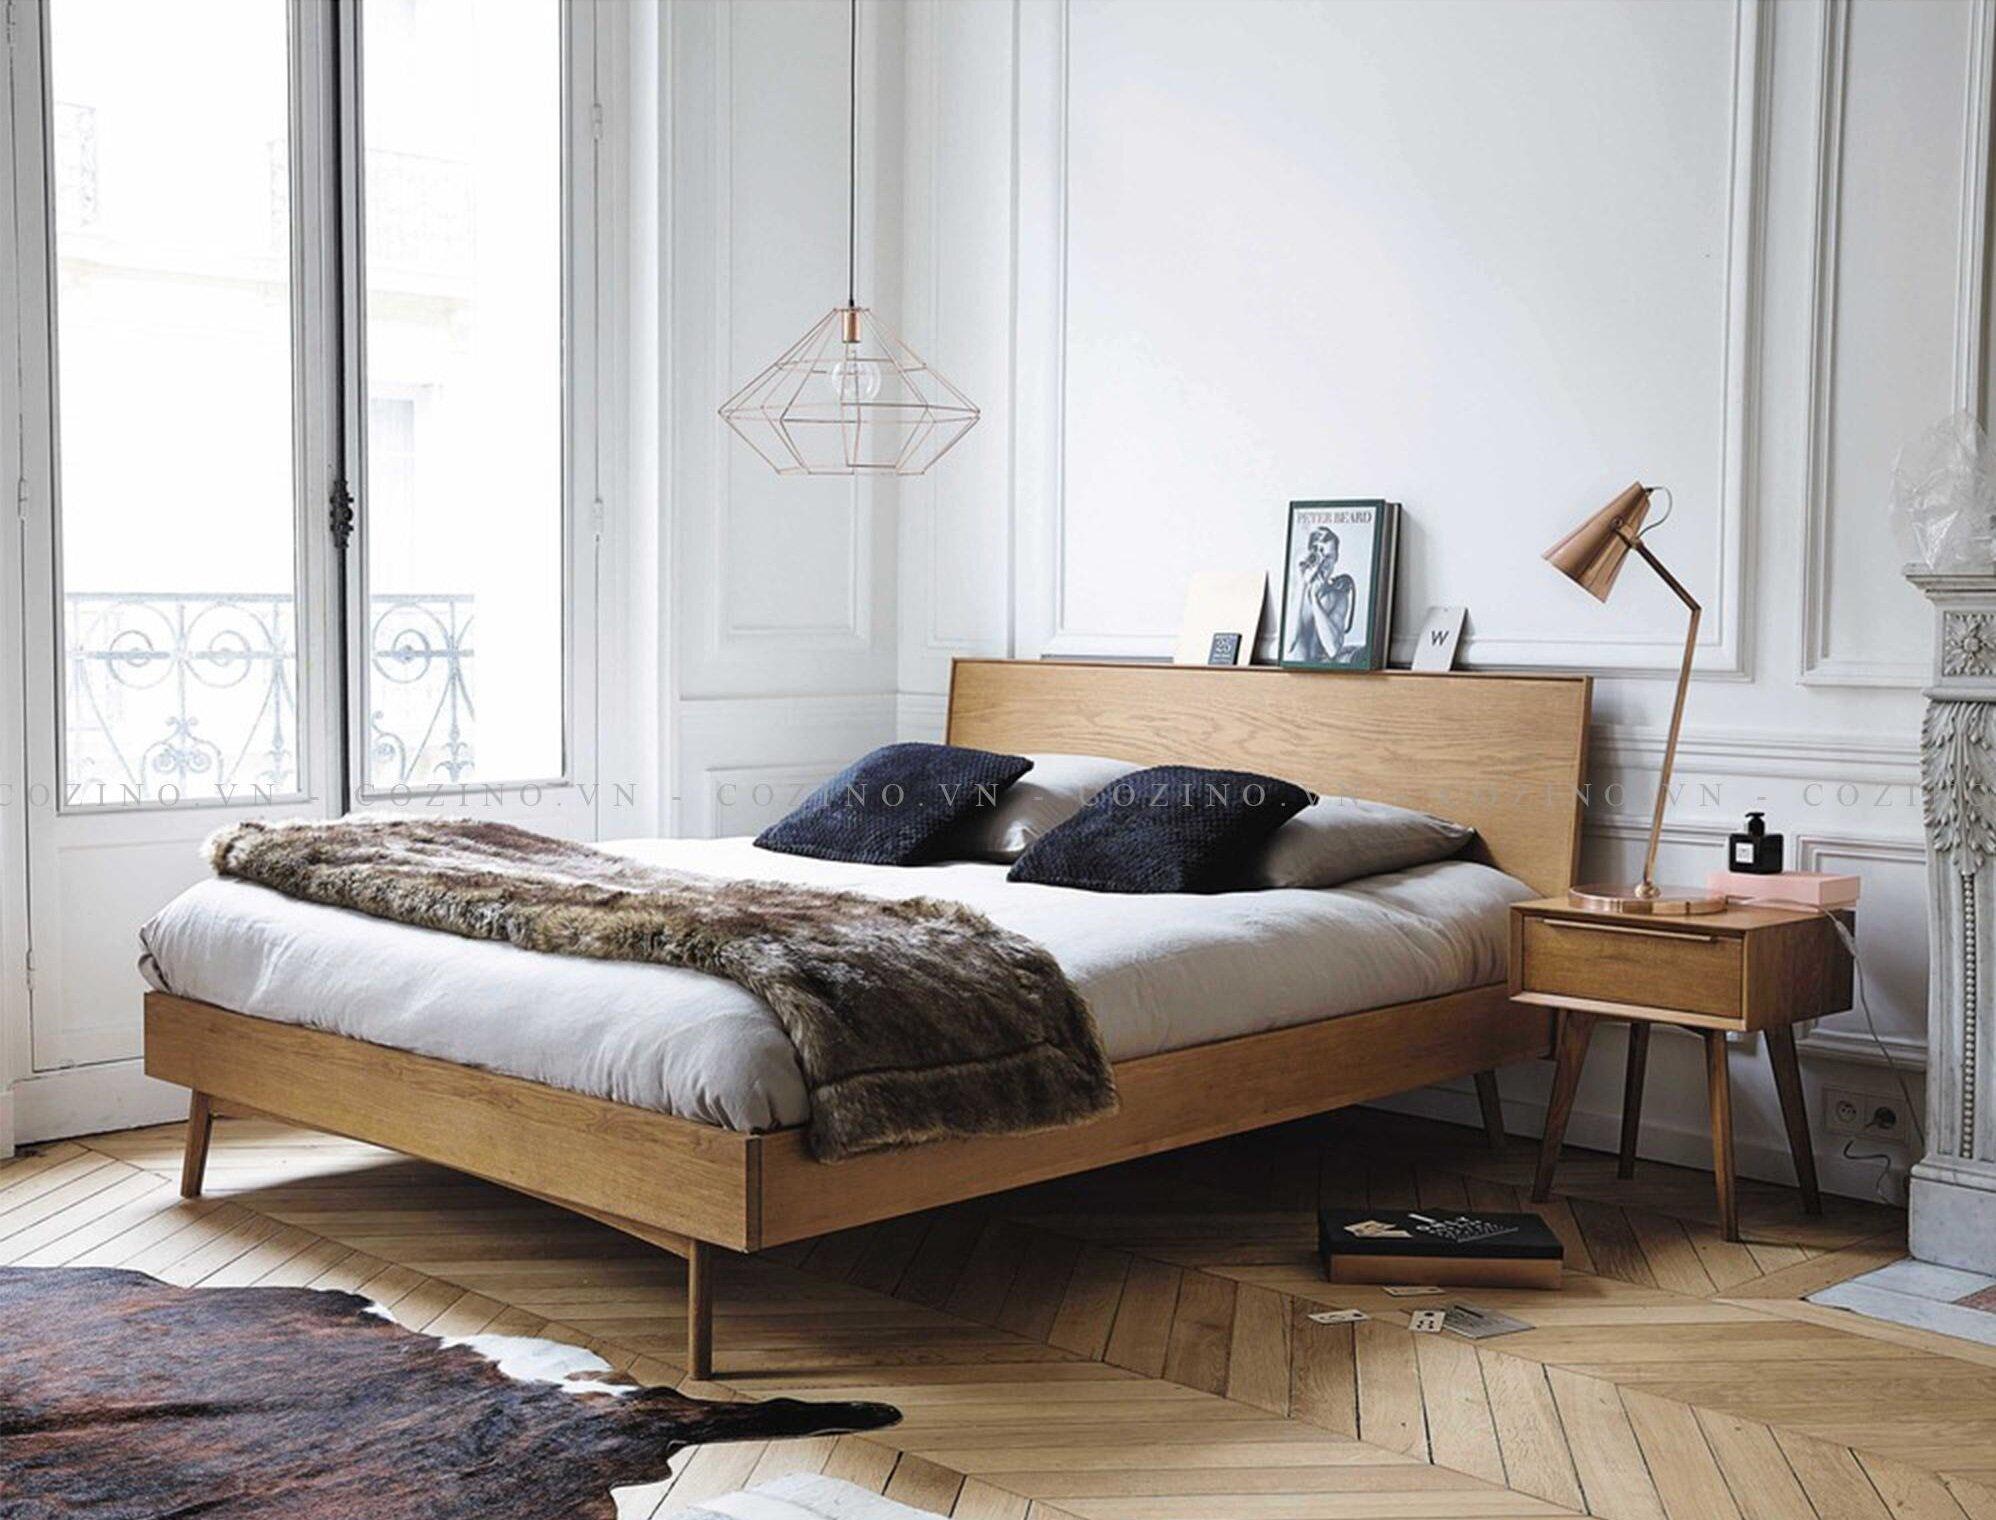 Giường Cozino với phong cách thiết kế tối giản nhưng sang trọng và rất hiện đại